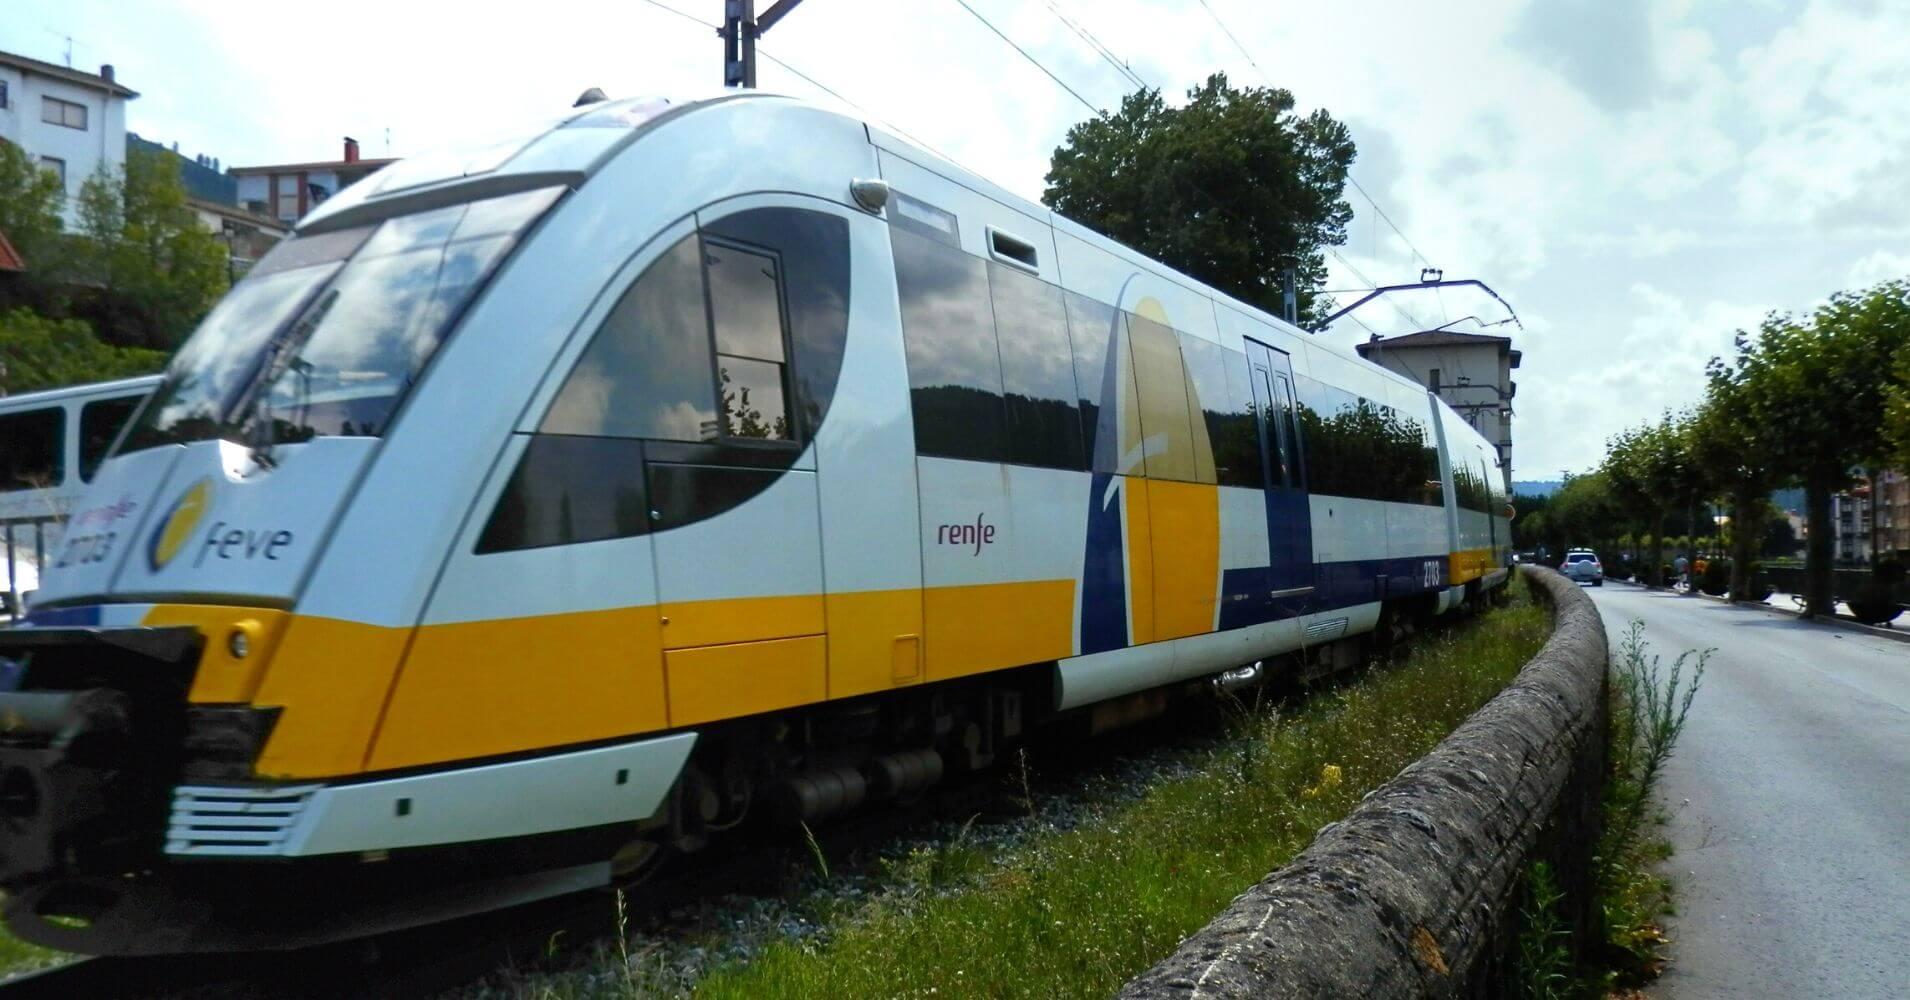 Estación de Valmaseda. Viaje en Tren en el Expreso de la Robla. País Vasco.